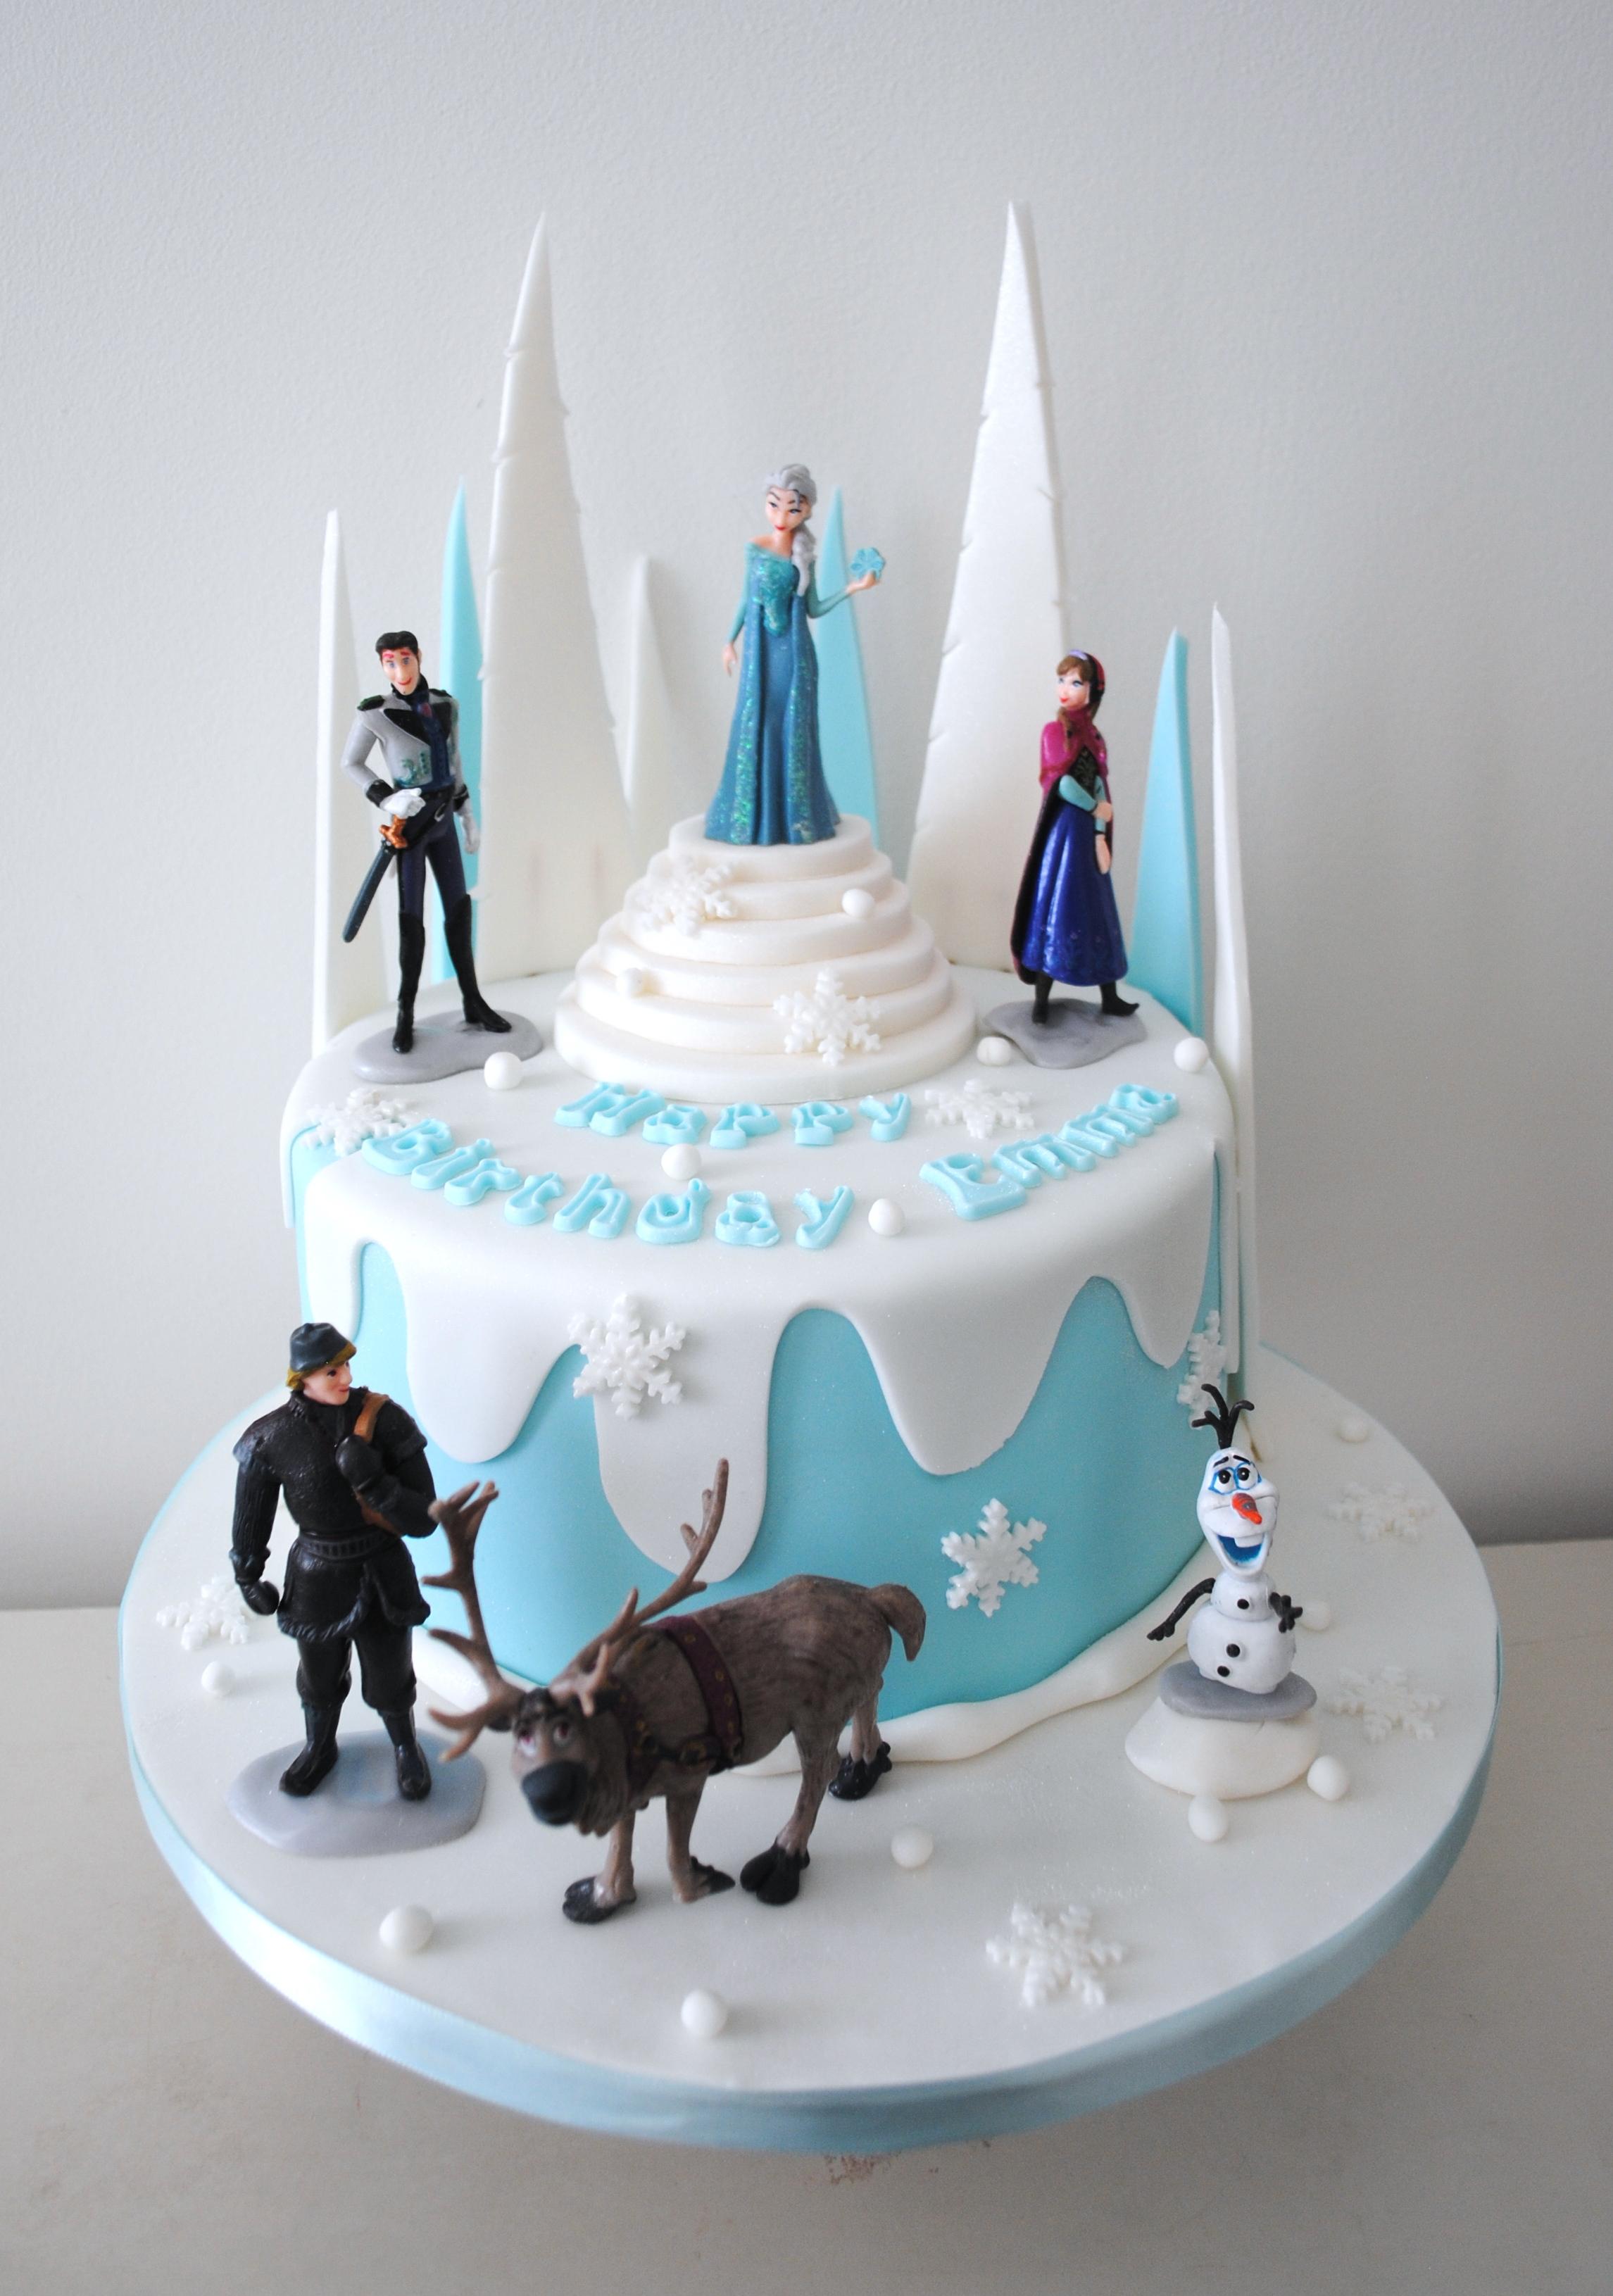 Wondrous 13 Disneys Frozen Birthday Cakes Photo Frozen Birthday Cake Funny Birthday Cards Online Fluifree Goldxyz